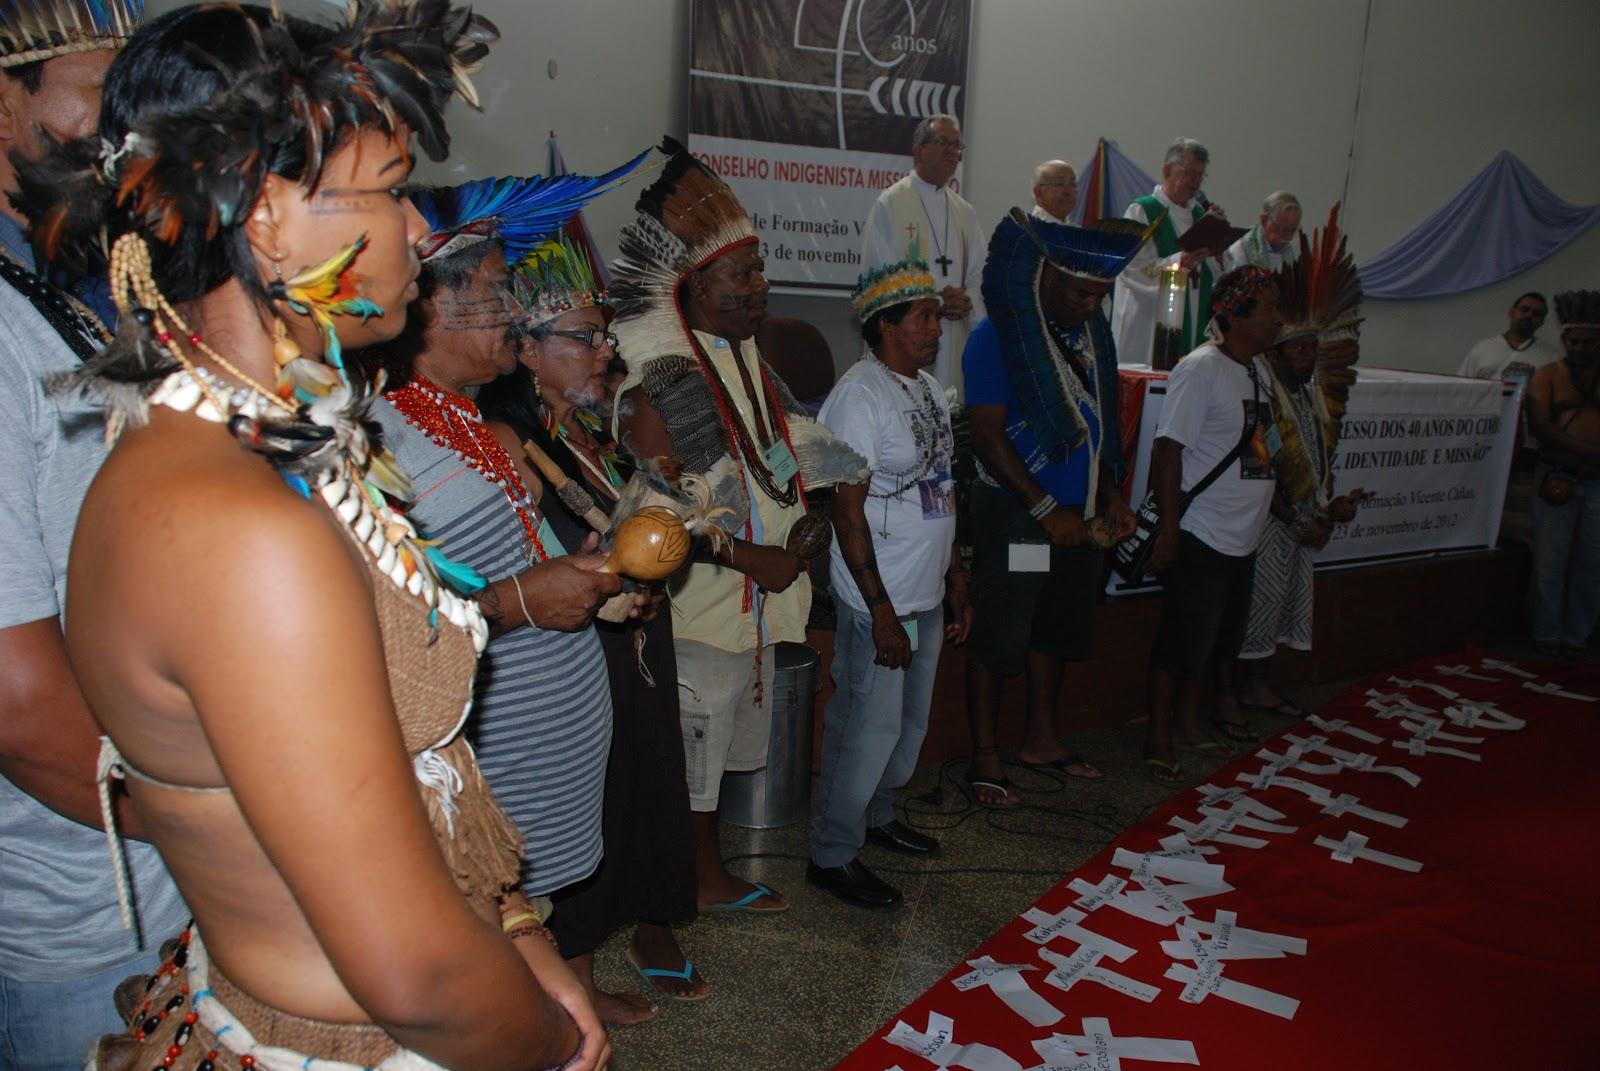 Conselho Indigenista Missionário comemora 40 anos com Congresso em Luziânia